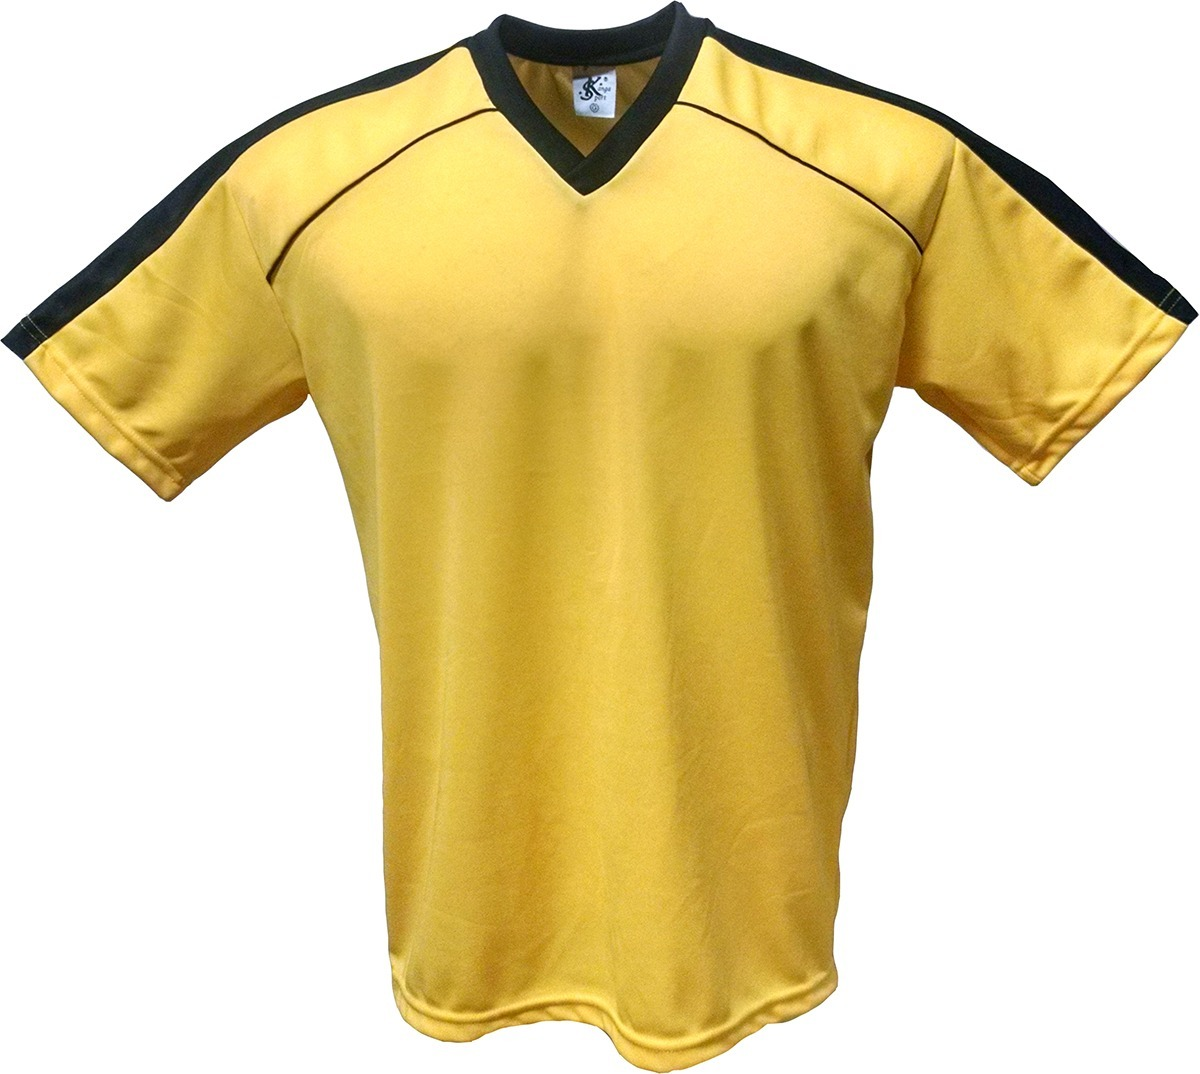 602c9ede35 Kit 5 Jogos De Camisa + Calção